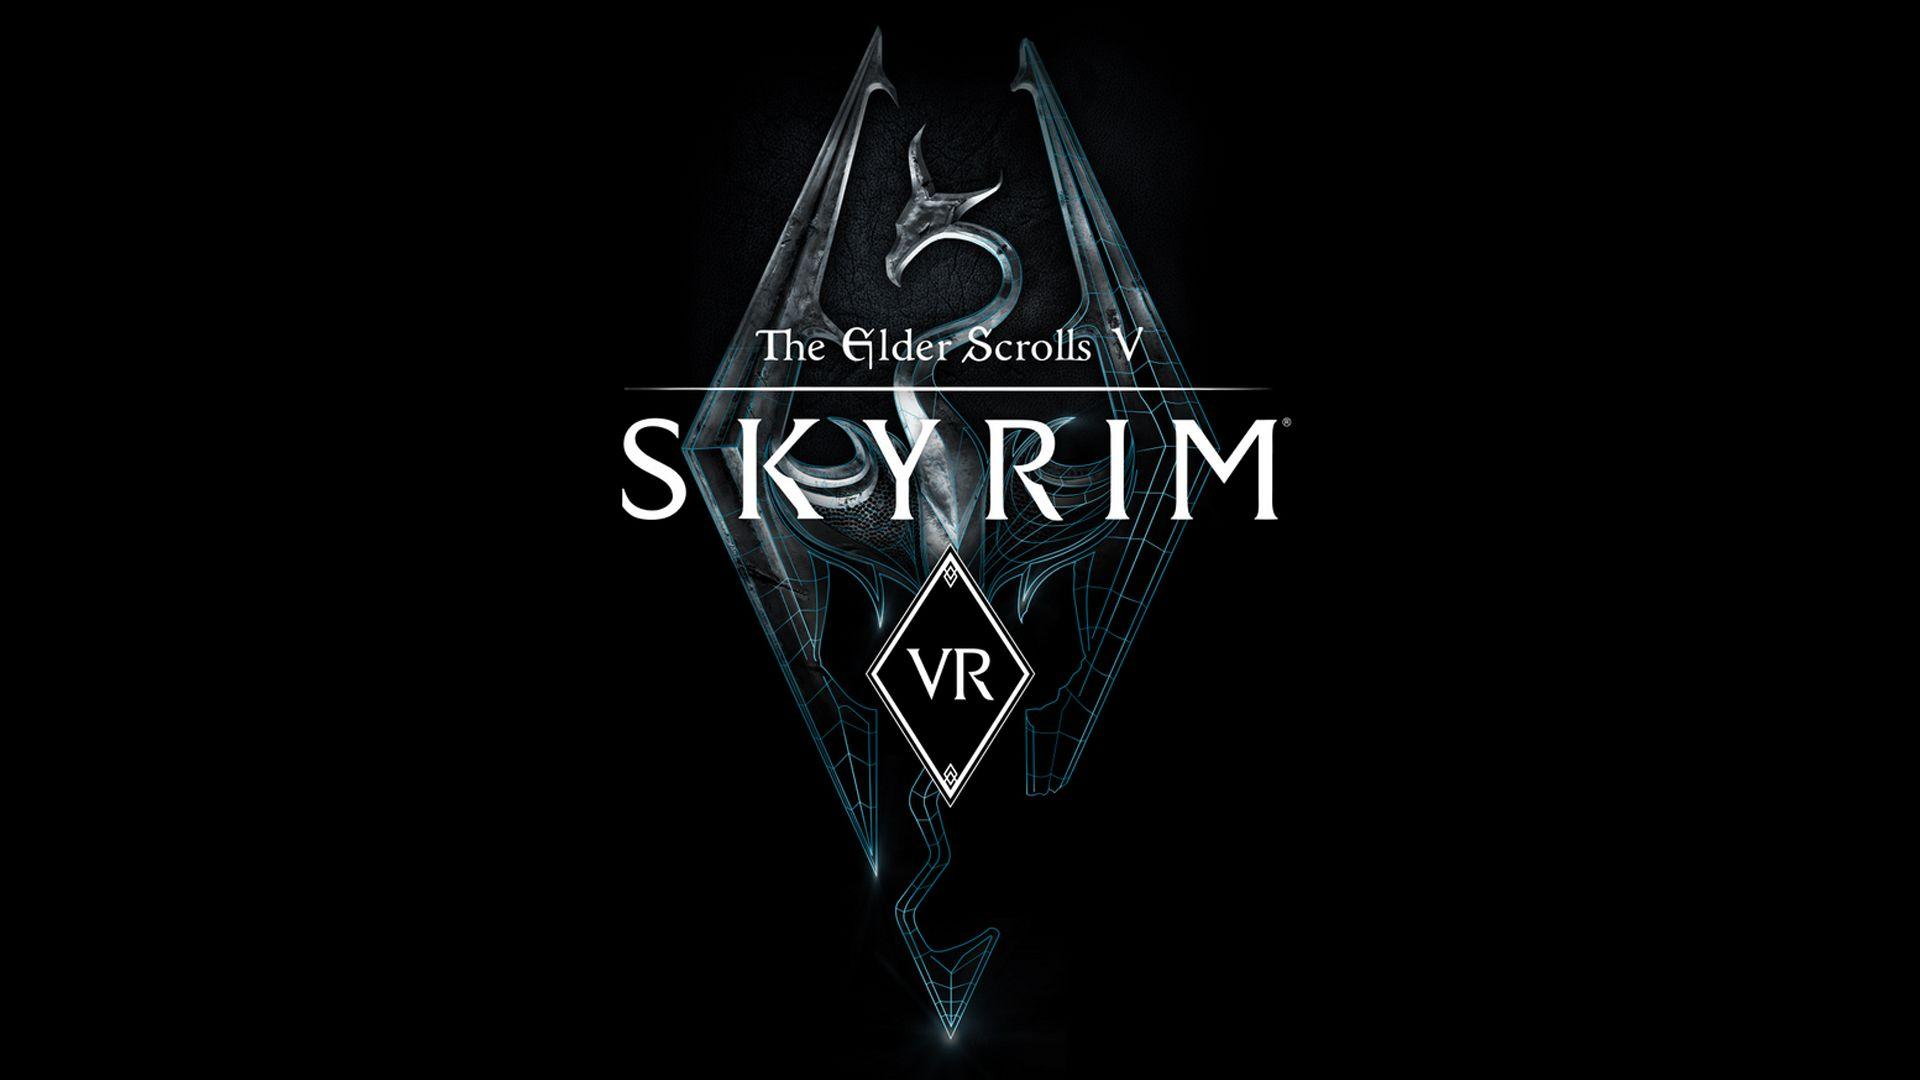 Обзор The Elder Scrolls 5: Skyrim VR — нестареющая игра в новом формате